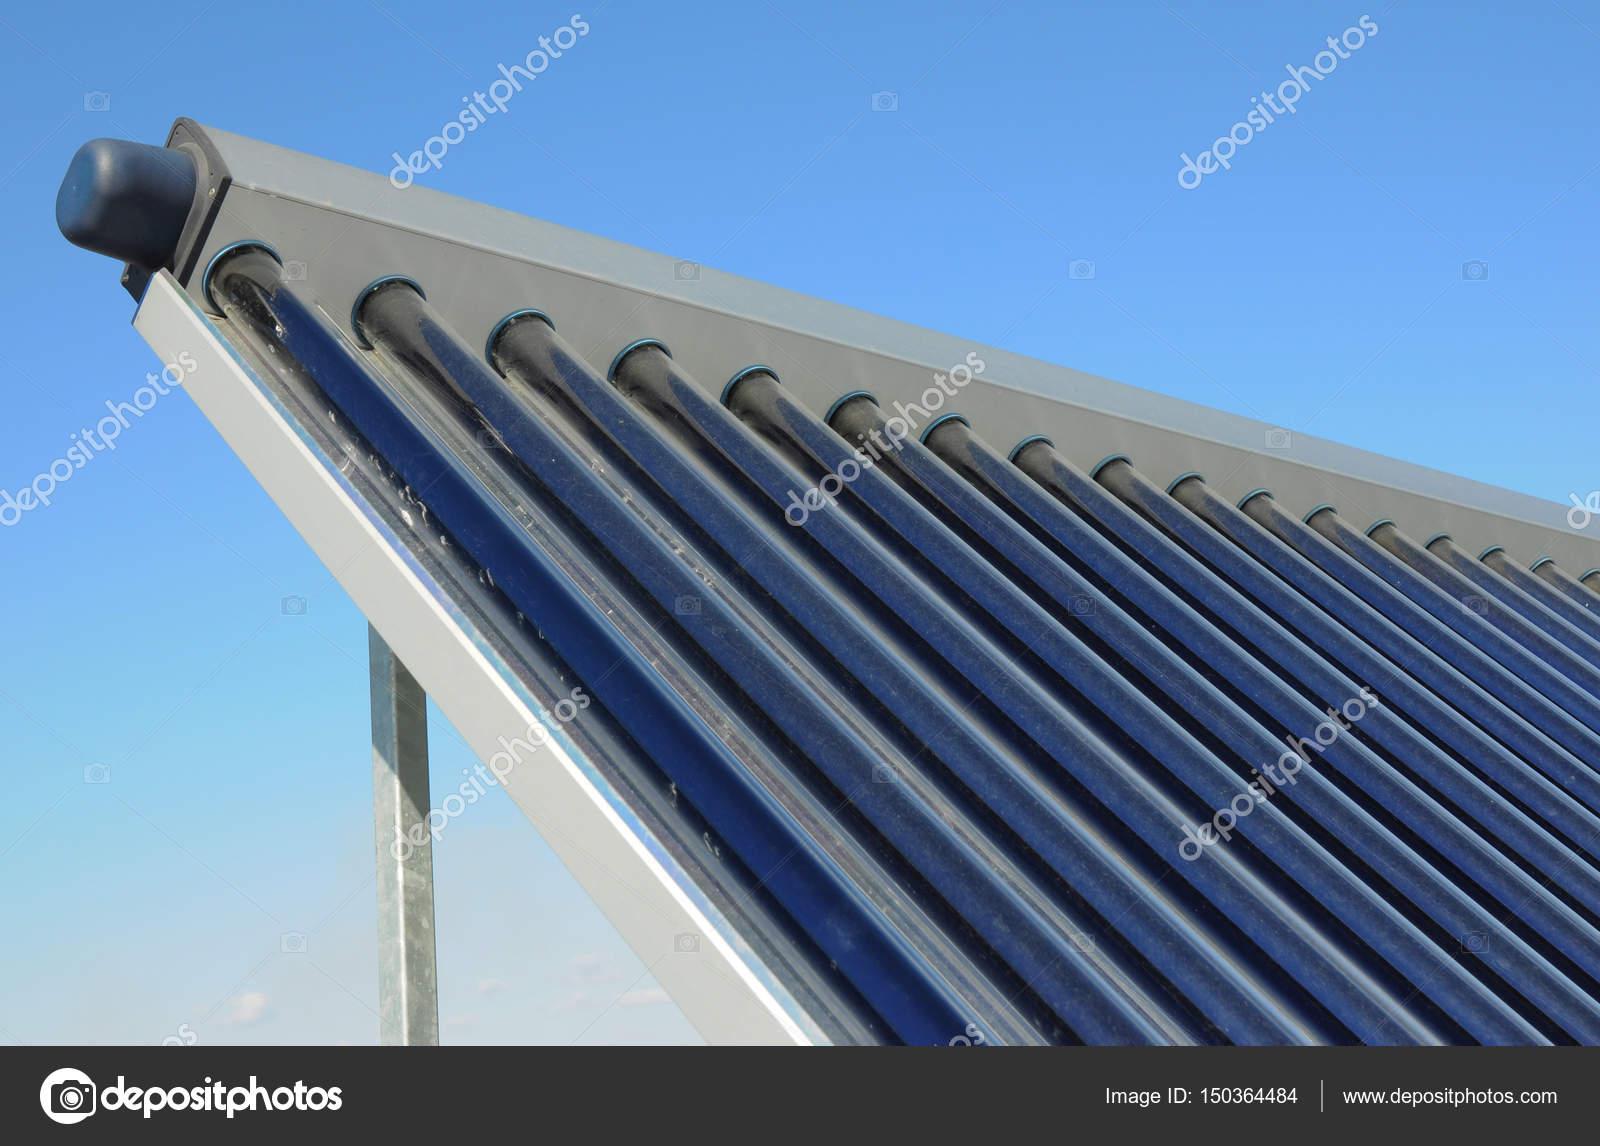 Toit De La Maison Moderne Avec Chauffe Eau Solaire, Panneaux Solaires.  Système De Chauffage De Panneau Solaire De Lu0027eau. Energie Concept U2014 Image  De ...